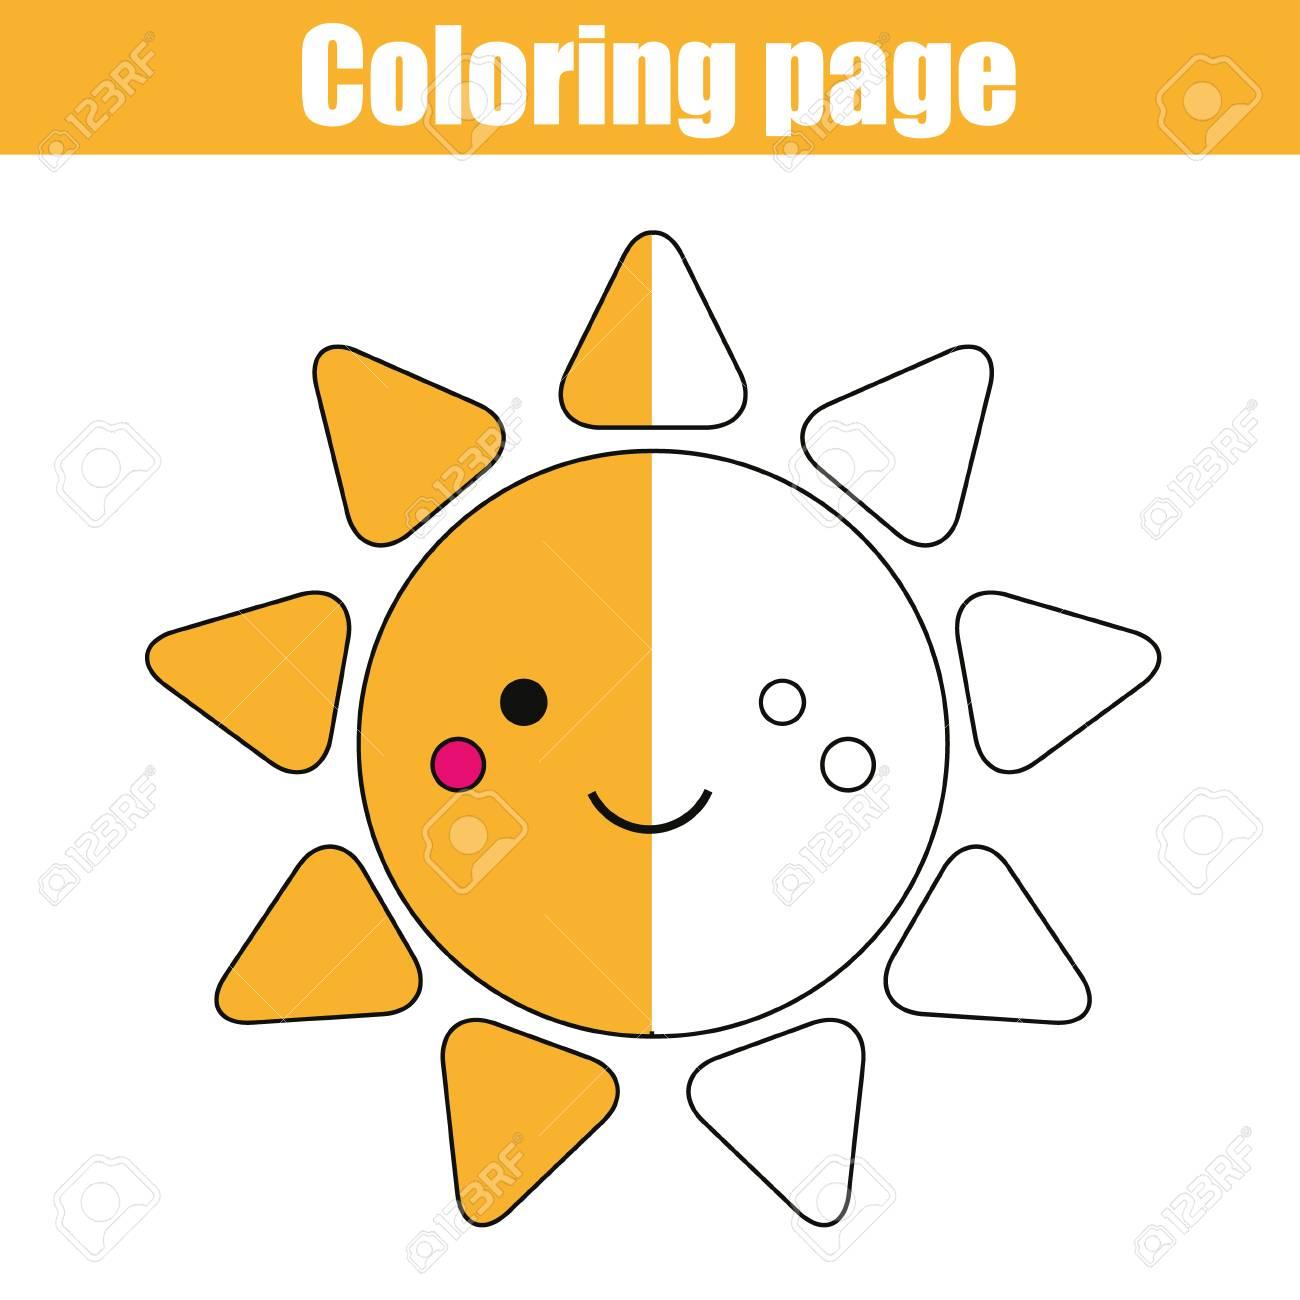 Vettoriale Pagina Da Colorare Con Carattere Carino Sorridente